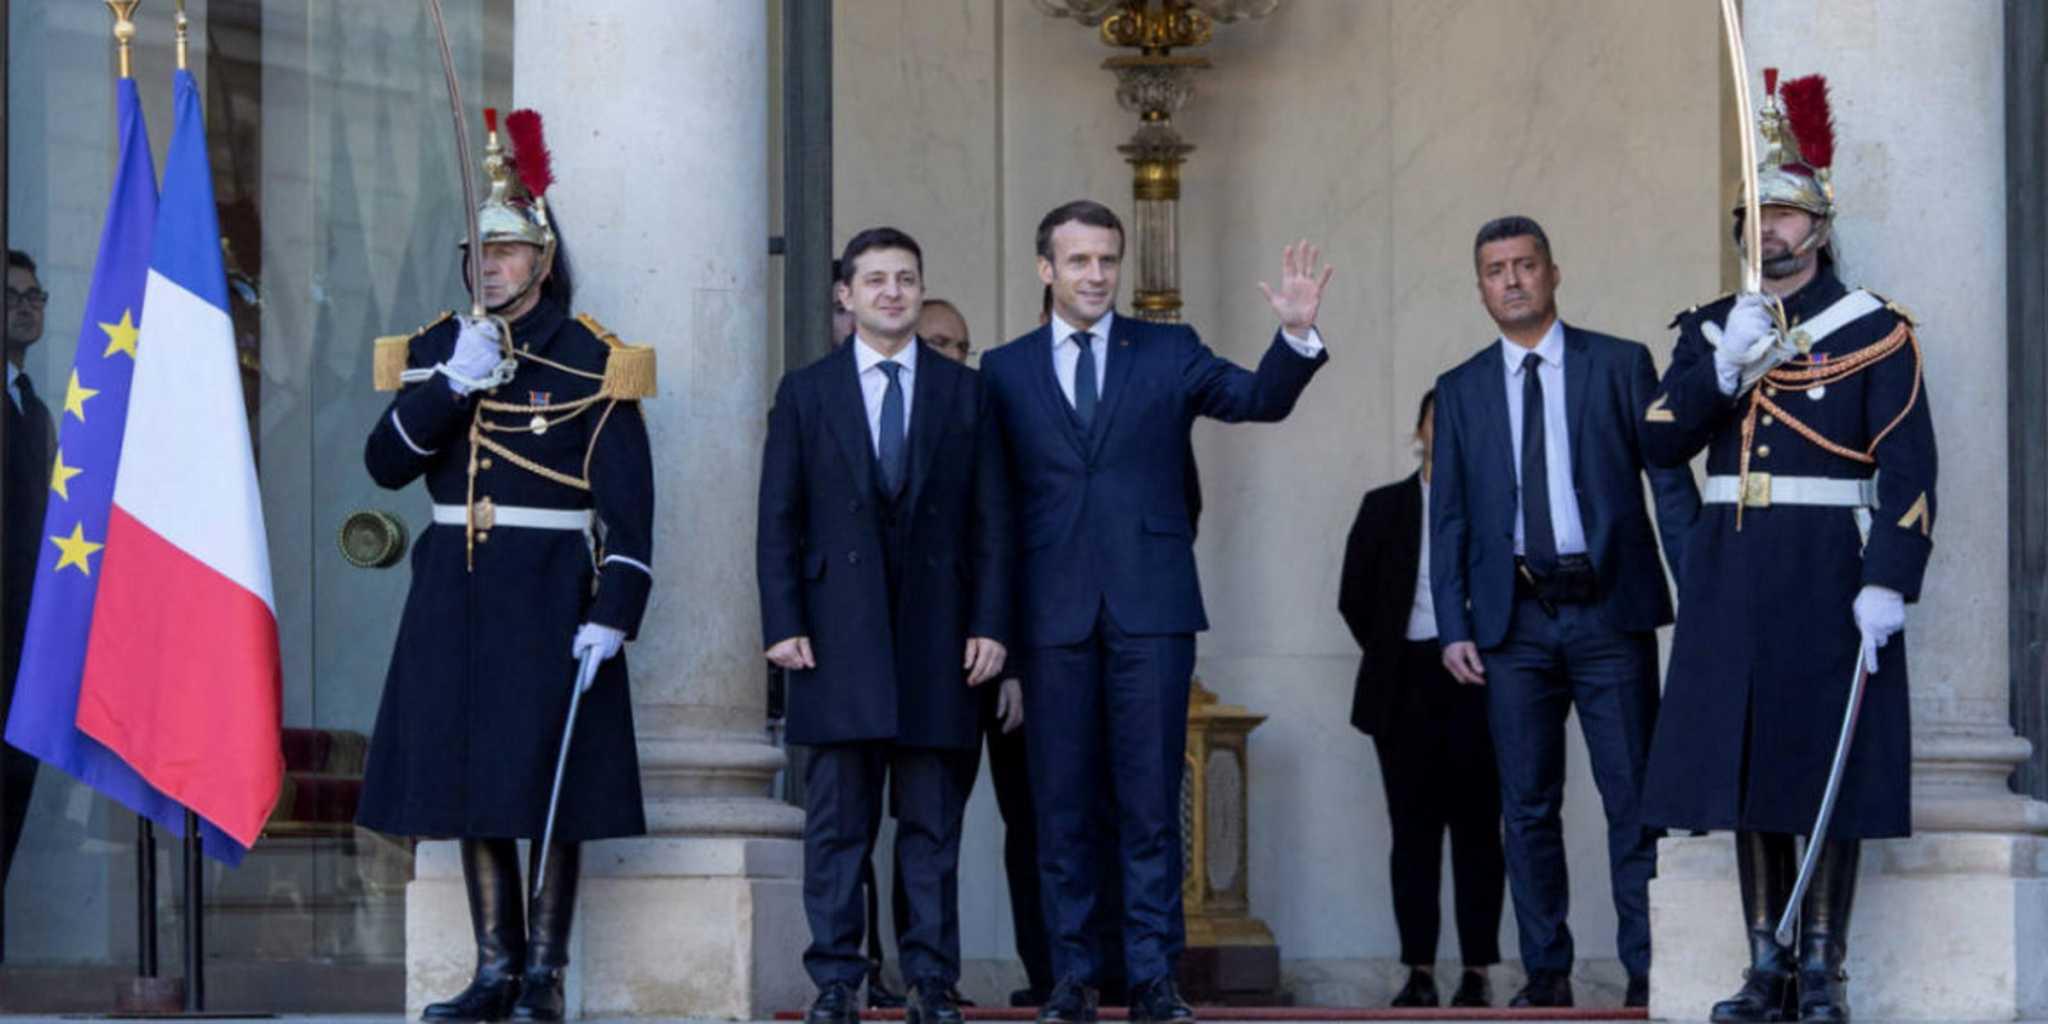 Τετ-α-τετ Μακρόν και Ζελένσκι με θέμα την ανατολική Ουκρανία και στο βάθος… Rafale;